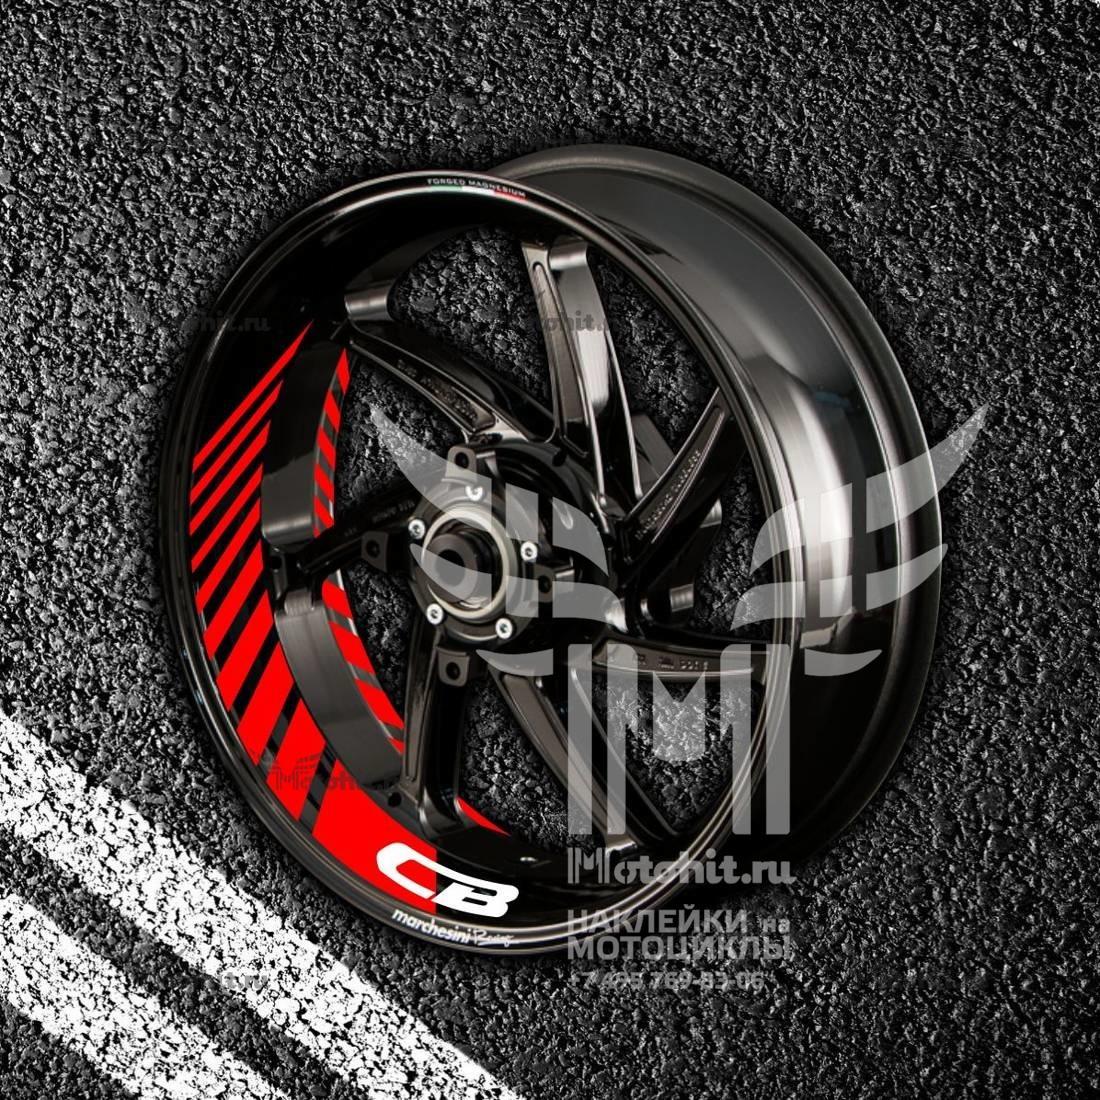 Комплект наклеек с полосами на колеса мотоцикла HONDA CB